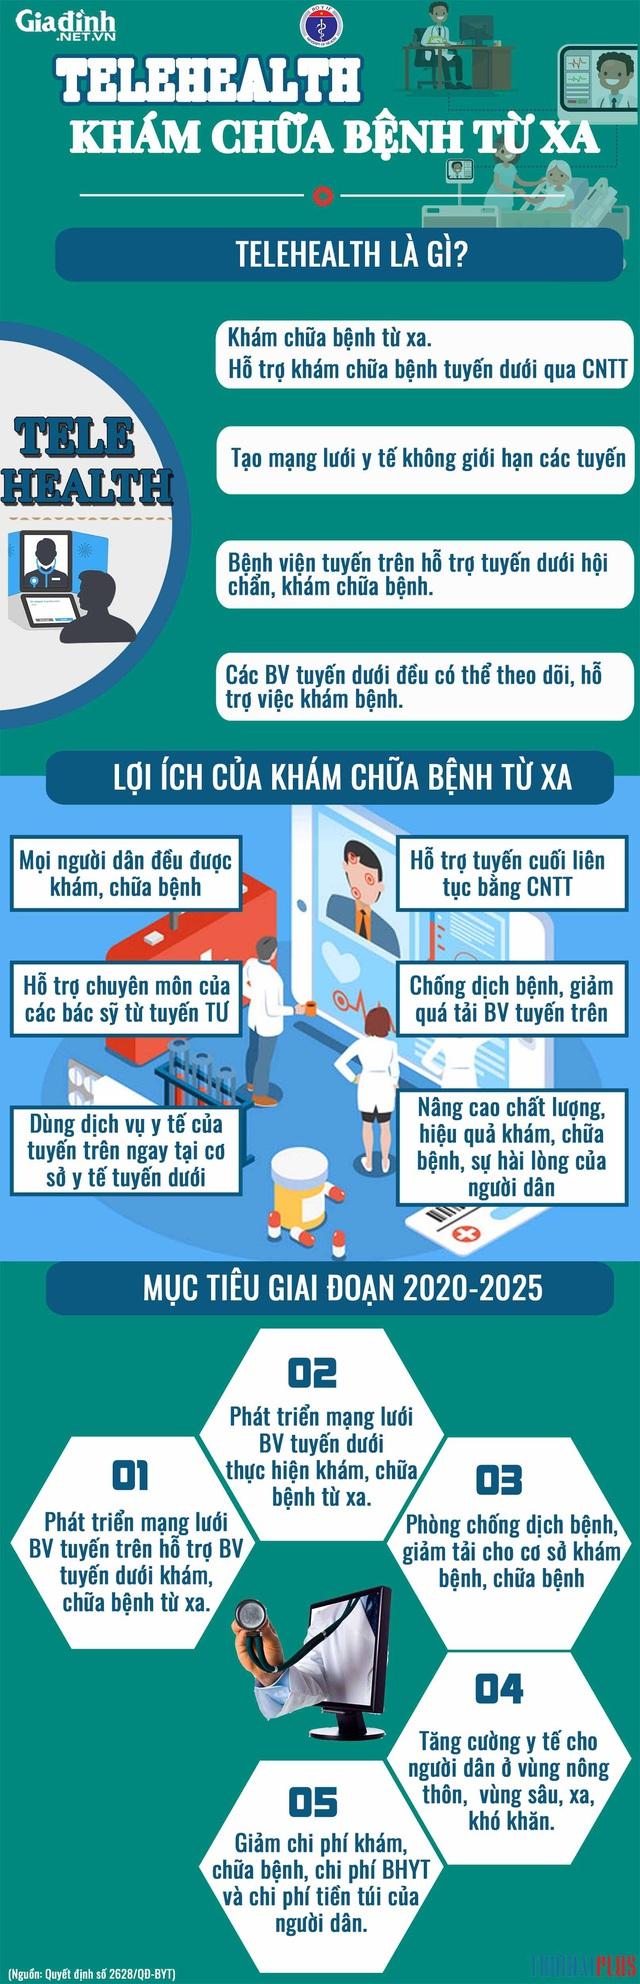 Công dân từ Đà Nẵng đến Thừa Thiên - Huế không cần xét nghiệm PCR, không bị cách ly bắt buộc - Ảnh 2.